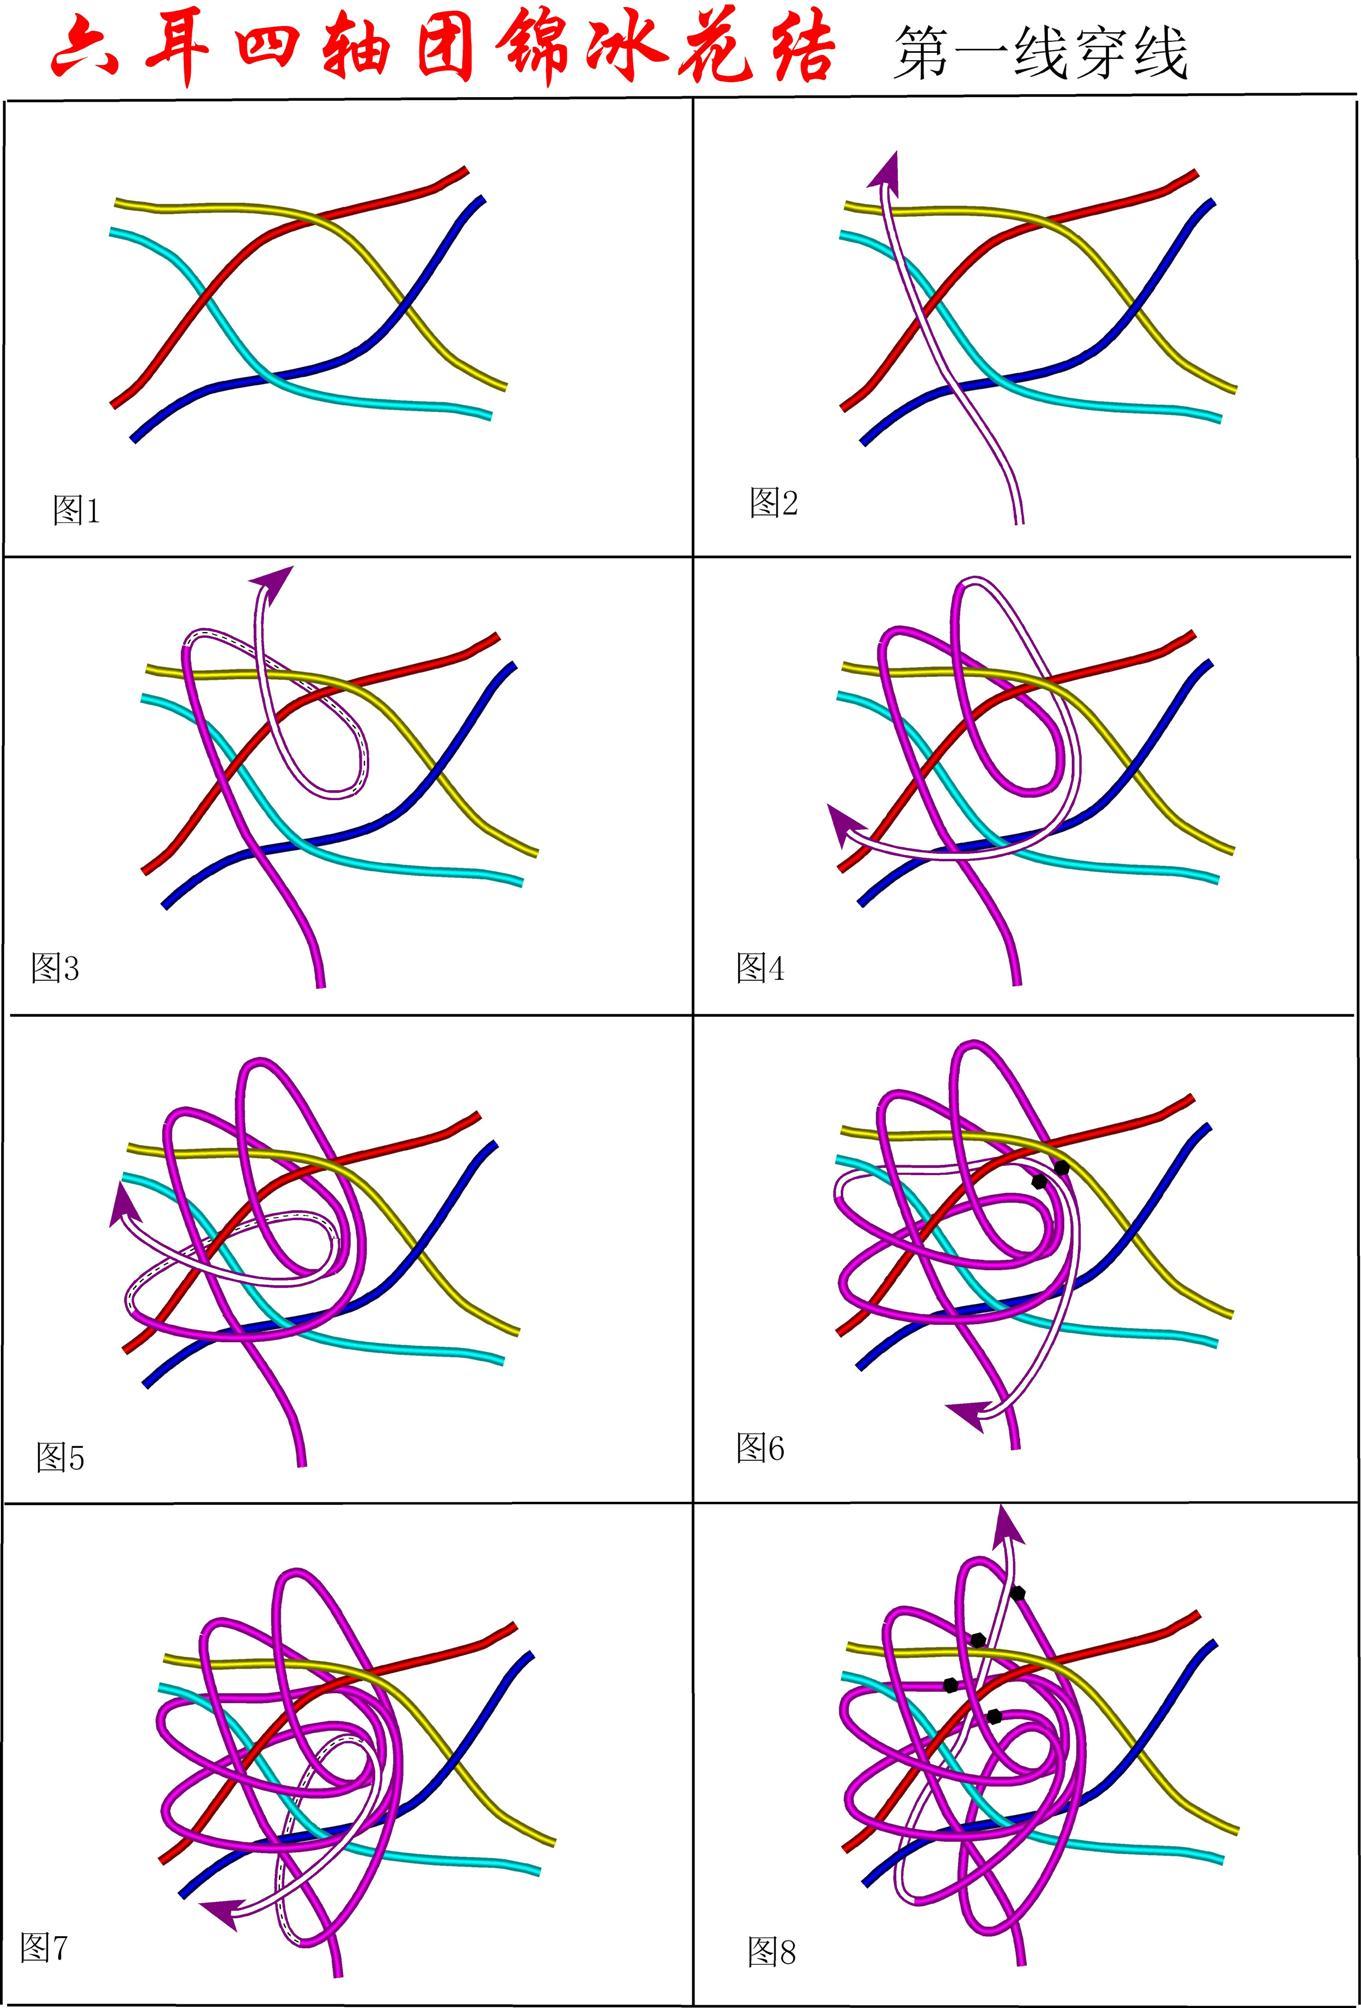 中国结论坛 六线四轴团锦冰花结  冰花结(华瑶结)的教程与讨论区 172335vfx23kegel1u2oc2